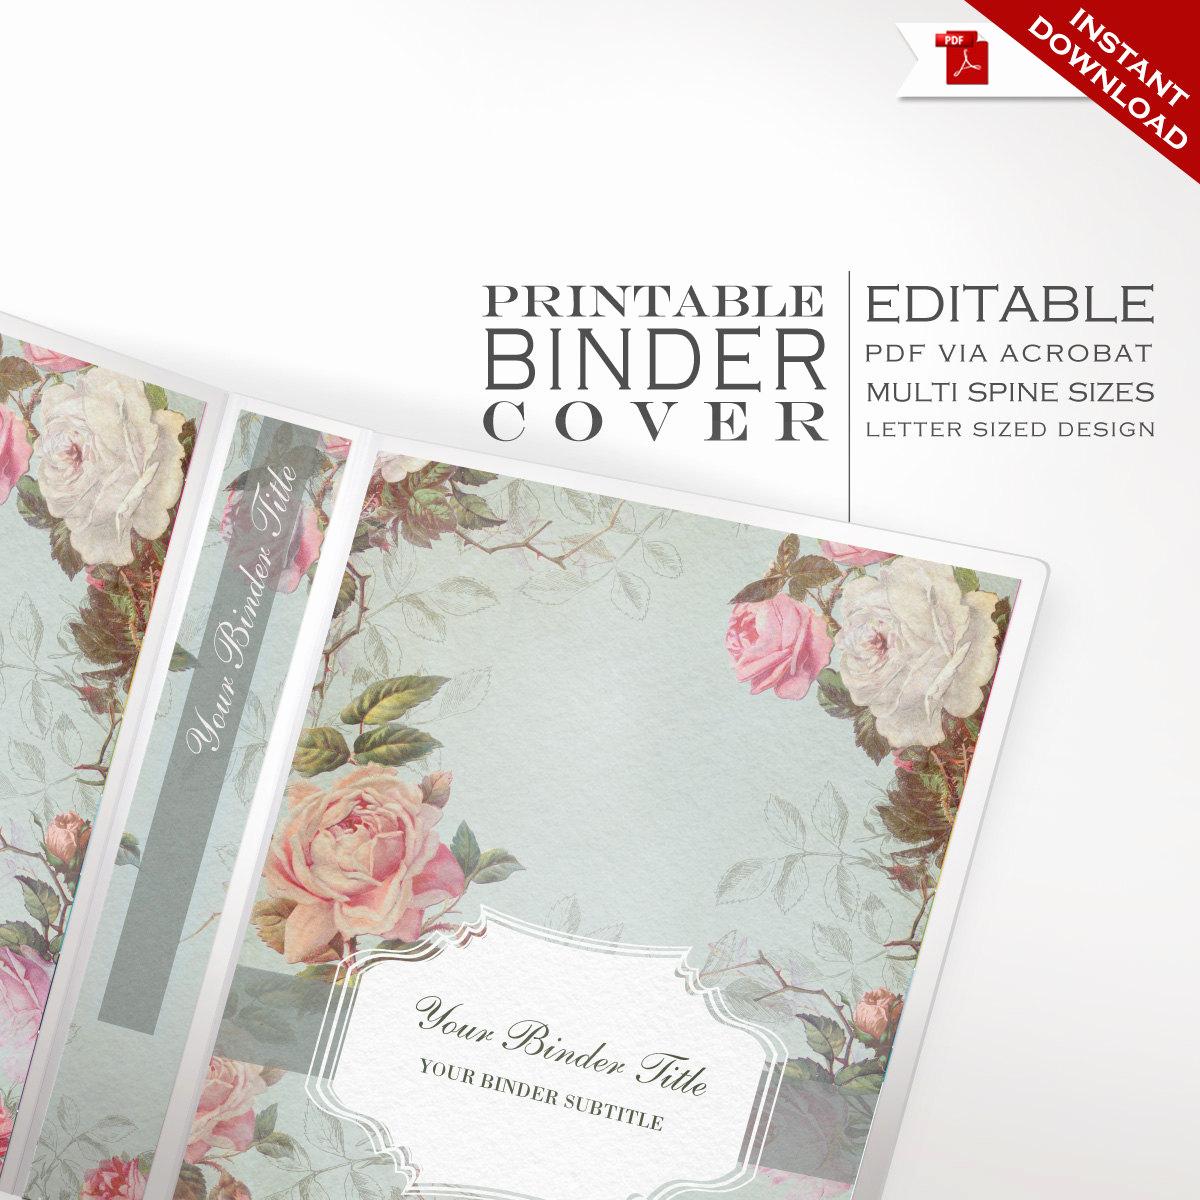 Free Editable Printable Binder Covers Best Of Binder Cover Printable Editable French Country Vintage Rose